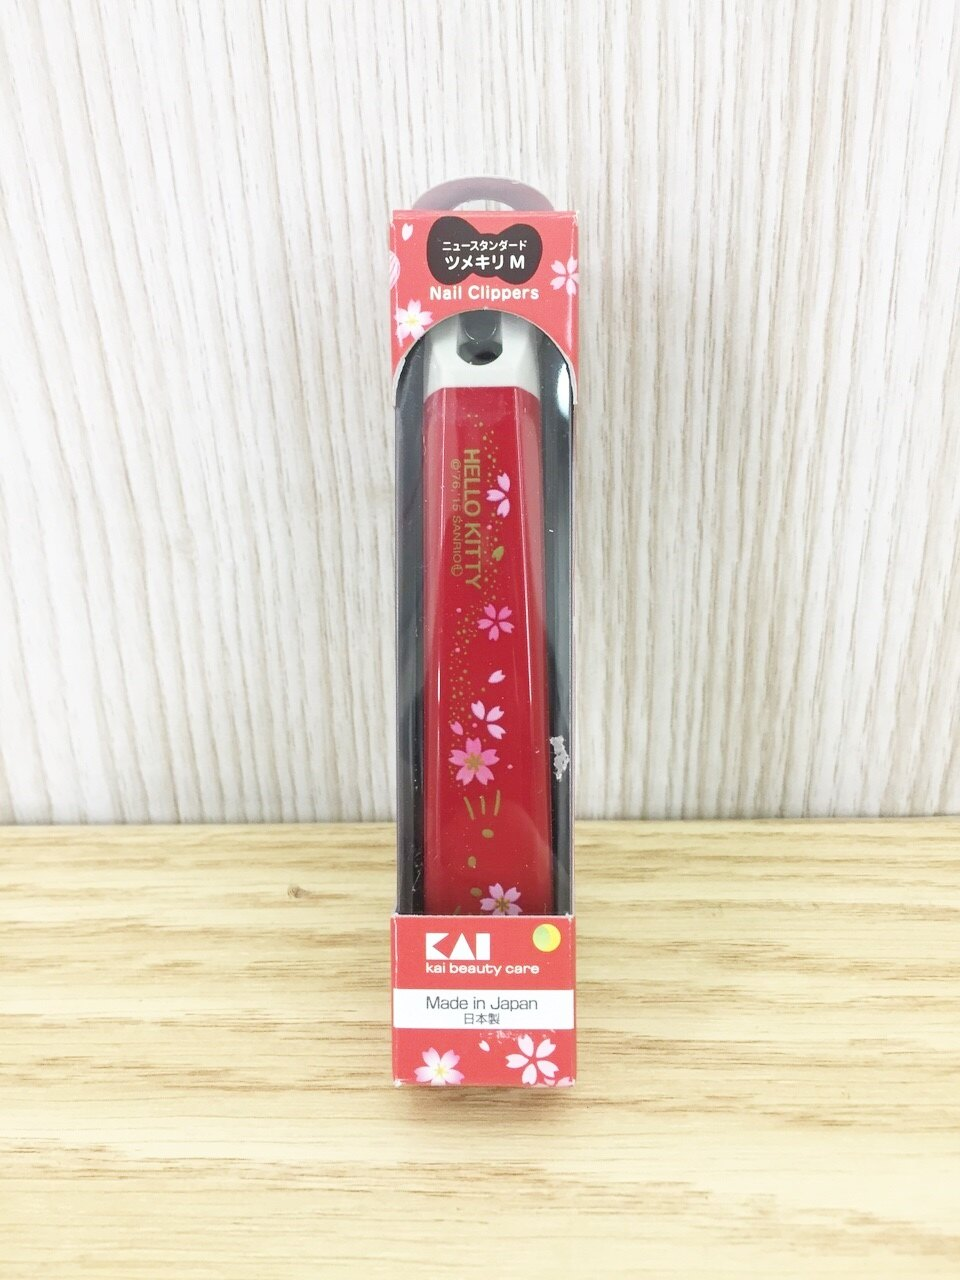 【真愛日本】15121300001 日本製指甲剪-KT櫻花紅 三麗鷗家族 KITTY 凱蒂貓 日用品 指甲剪 個人清潔用品